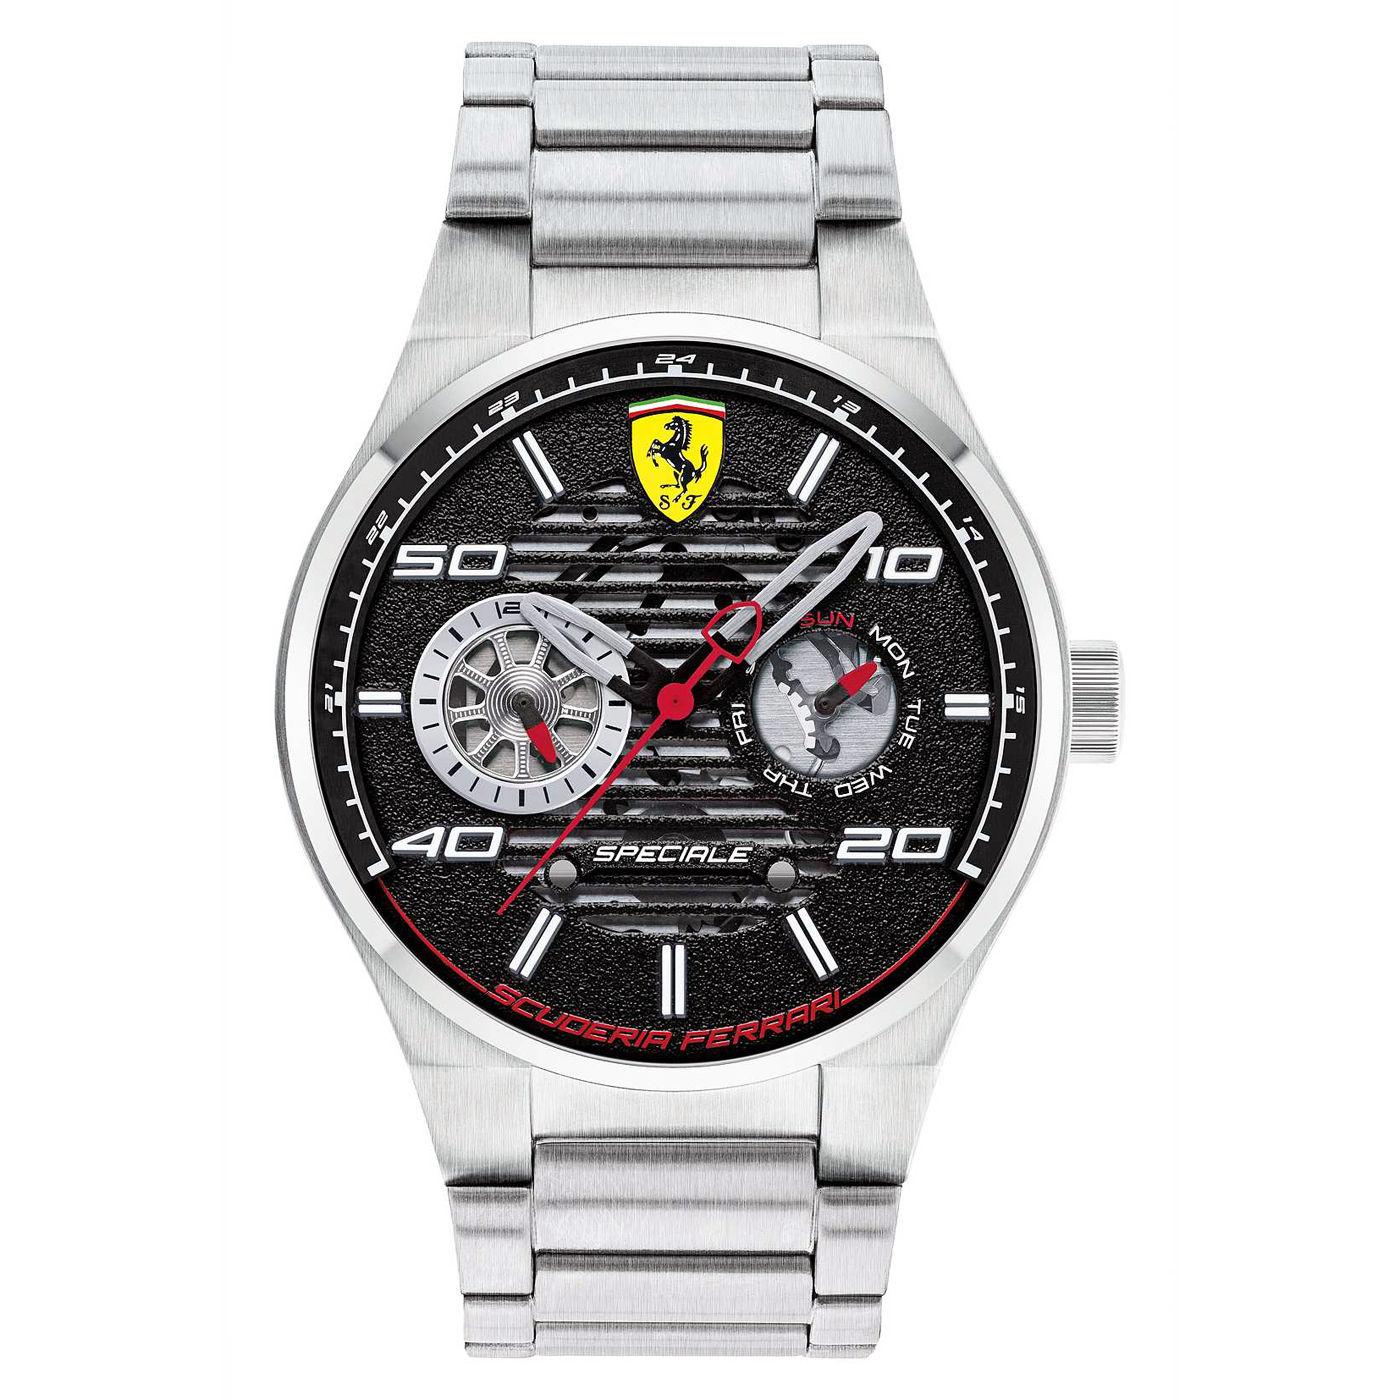 นาฬิกาผู้ชาย Ferrari รุ่น 0830432, Speciale